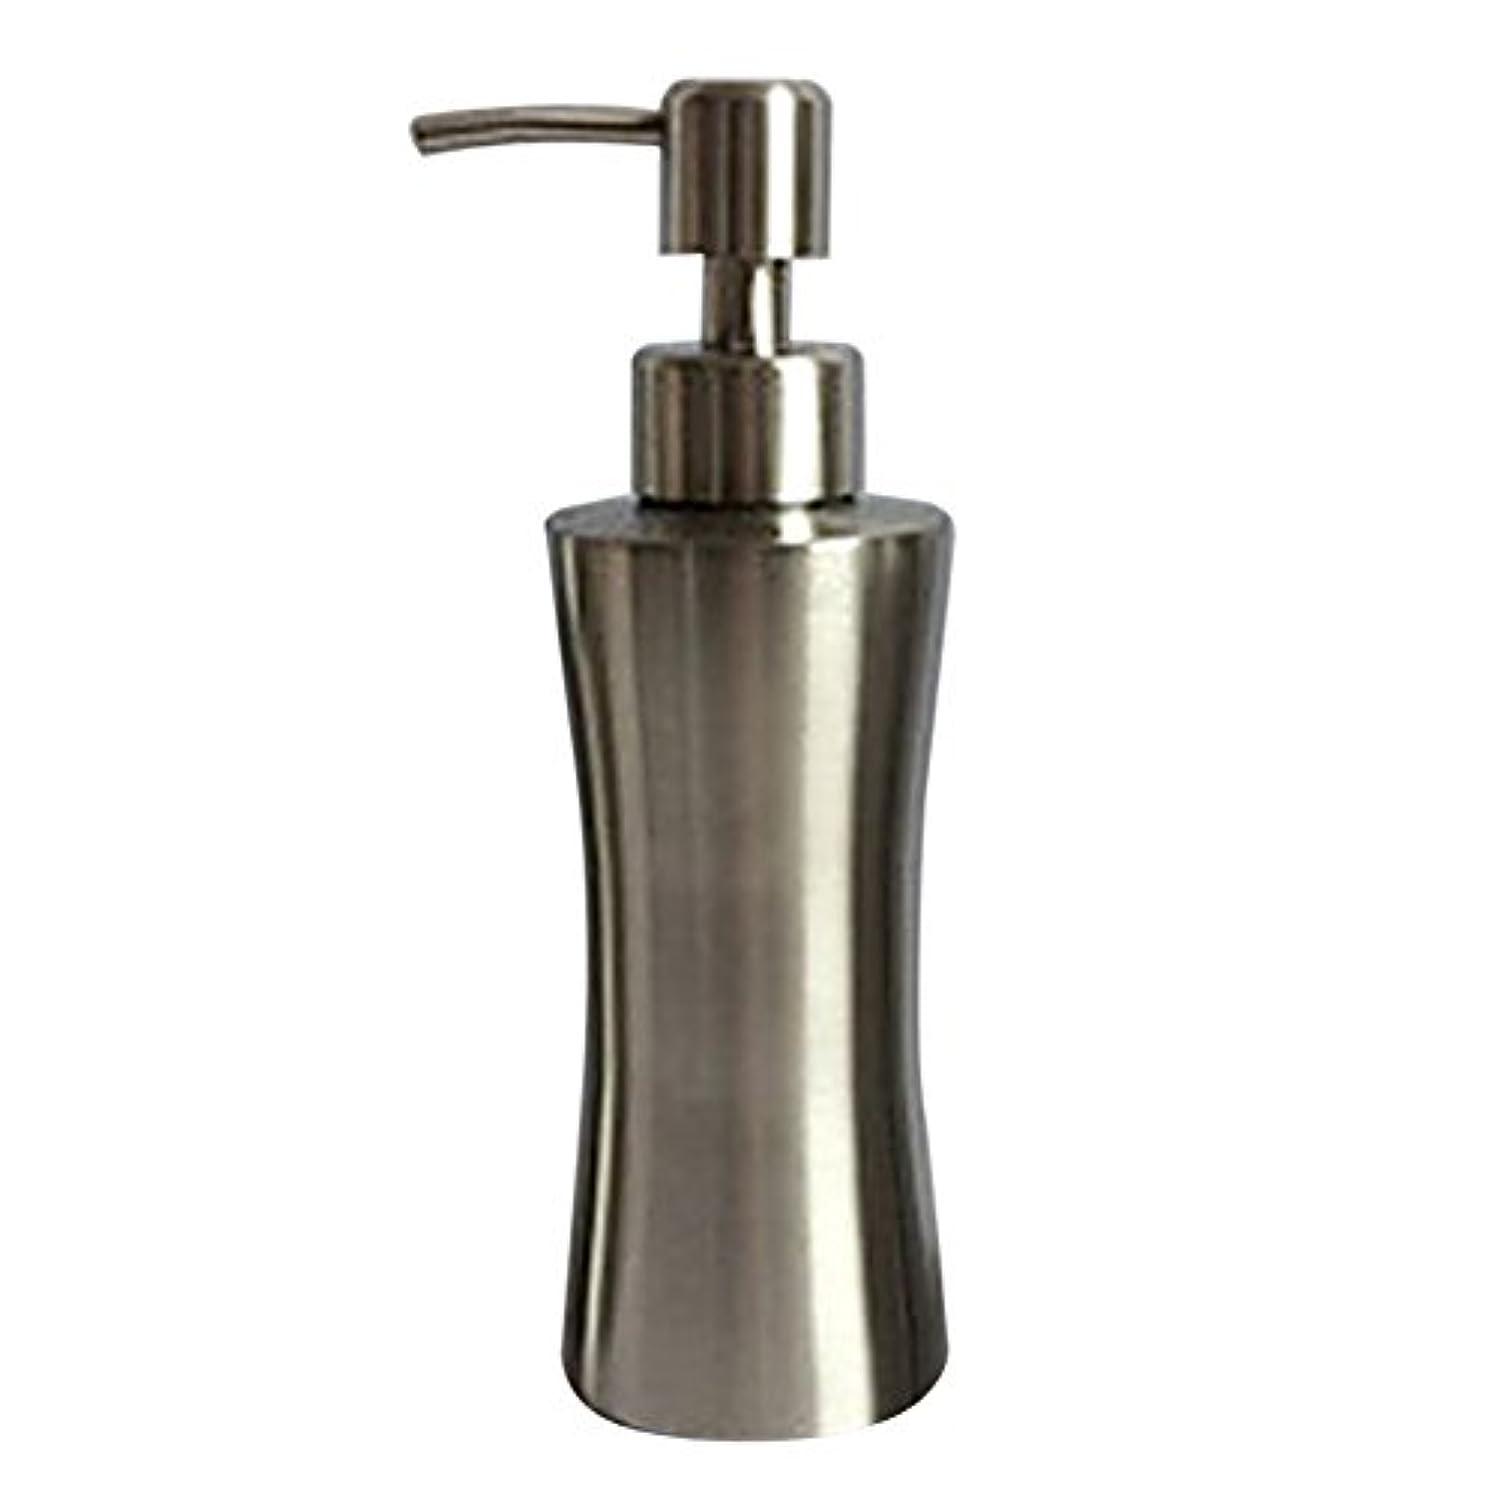 あいまいな黒予防接種するディスペンサー ステンレス ボトル 容器 ソープ 石鹸 シャンプー 手洗いボトル 耐久性 錆びない 220ml/250ml/400ml (B:250ml)